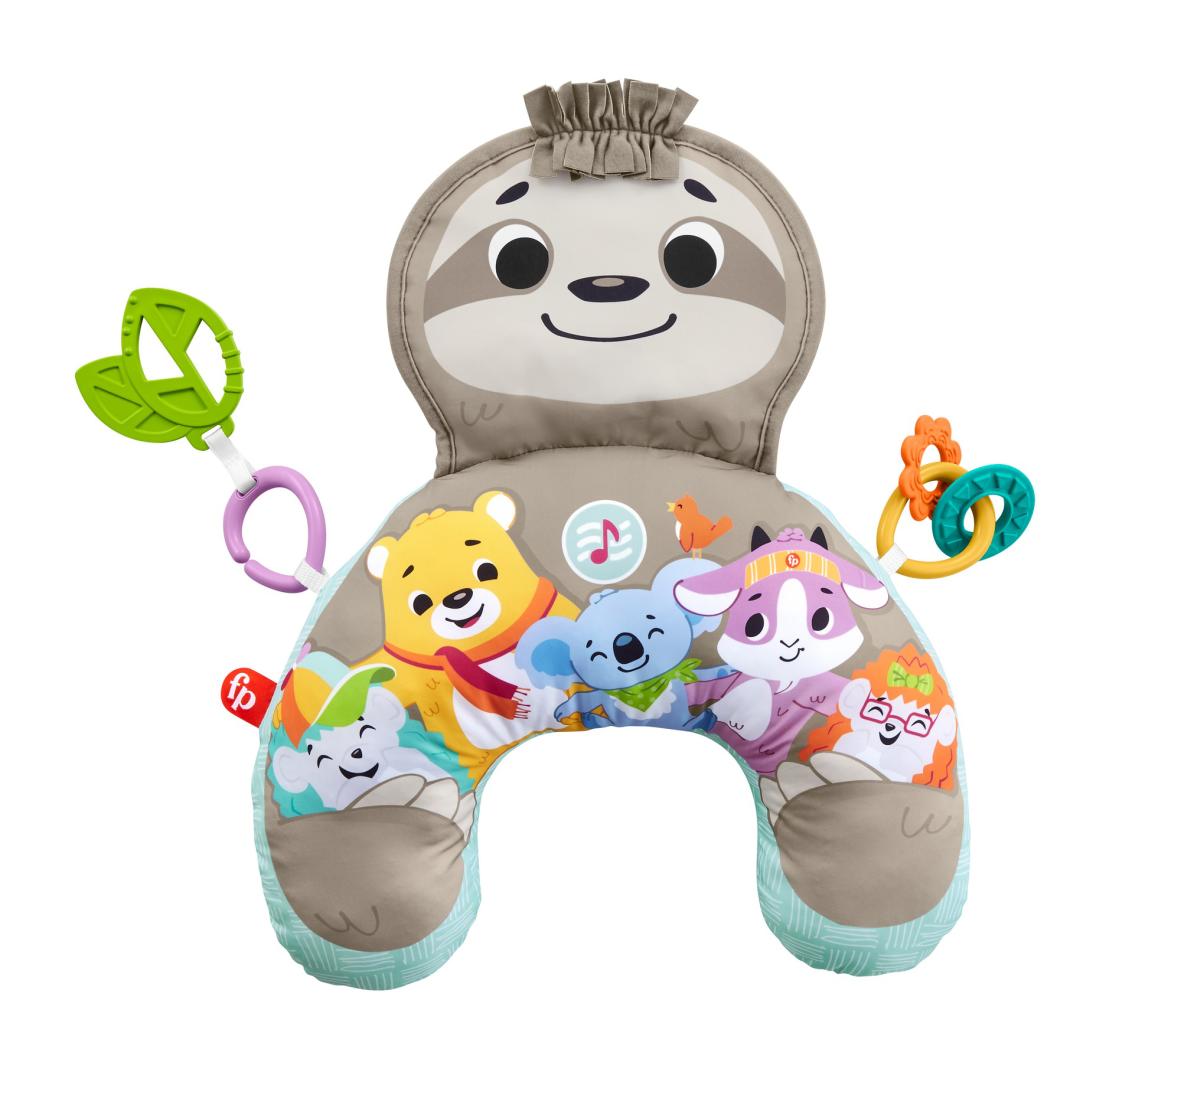 Fisher-price cuscino bradipo dolce relax con 10 minuti di musica, vibrazioni calmanti e 2 giocattoli, per neonati 0+mesi - FISHER-PRICE